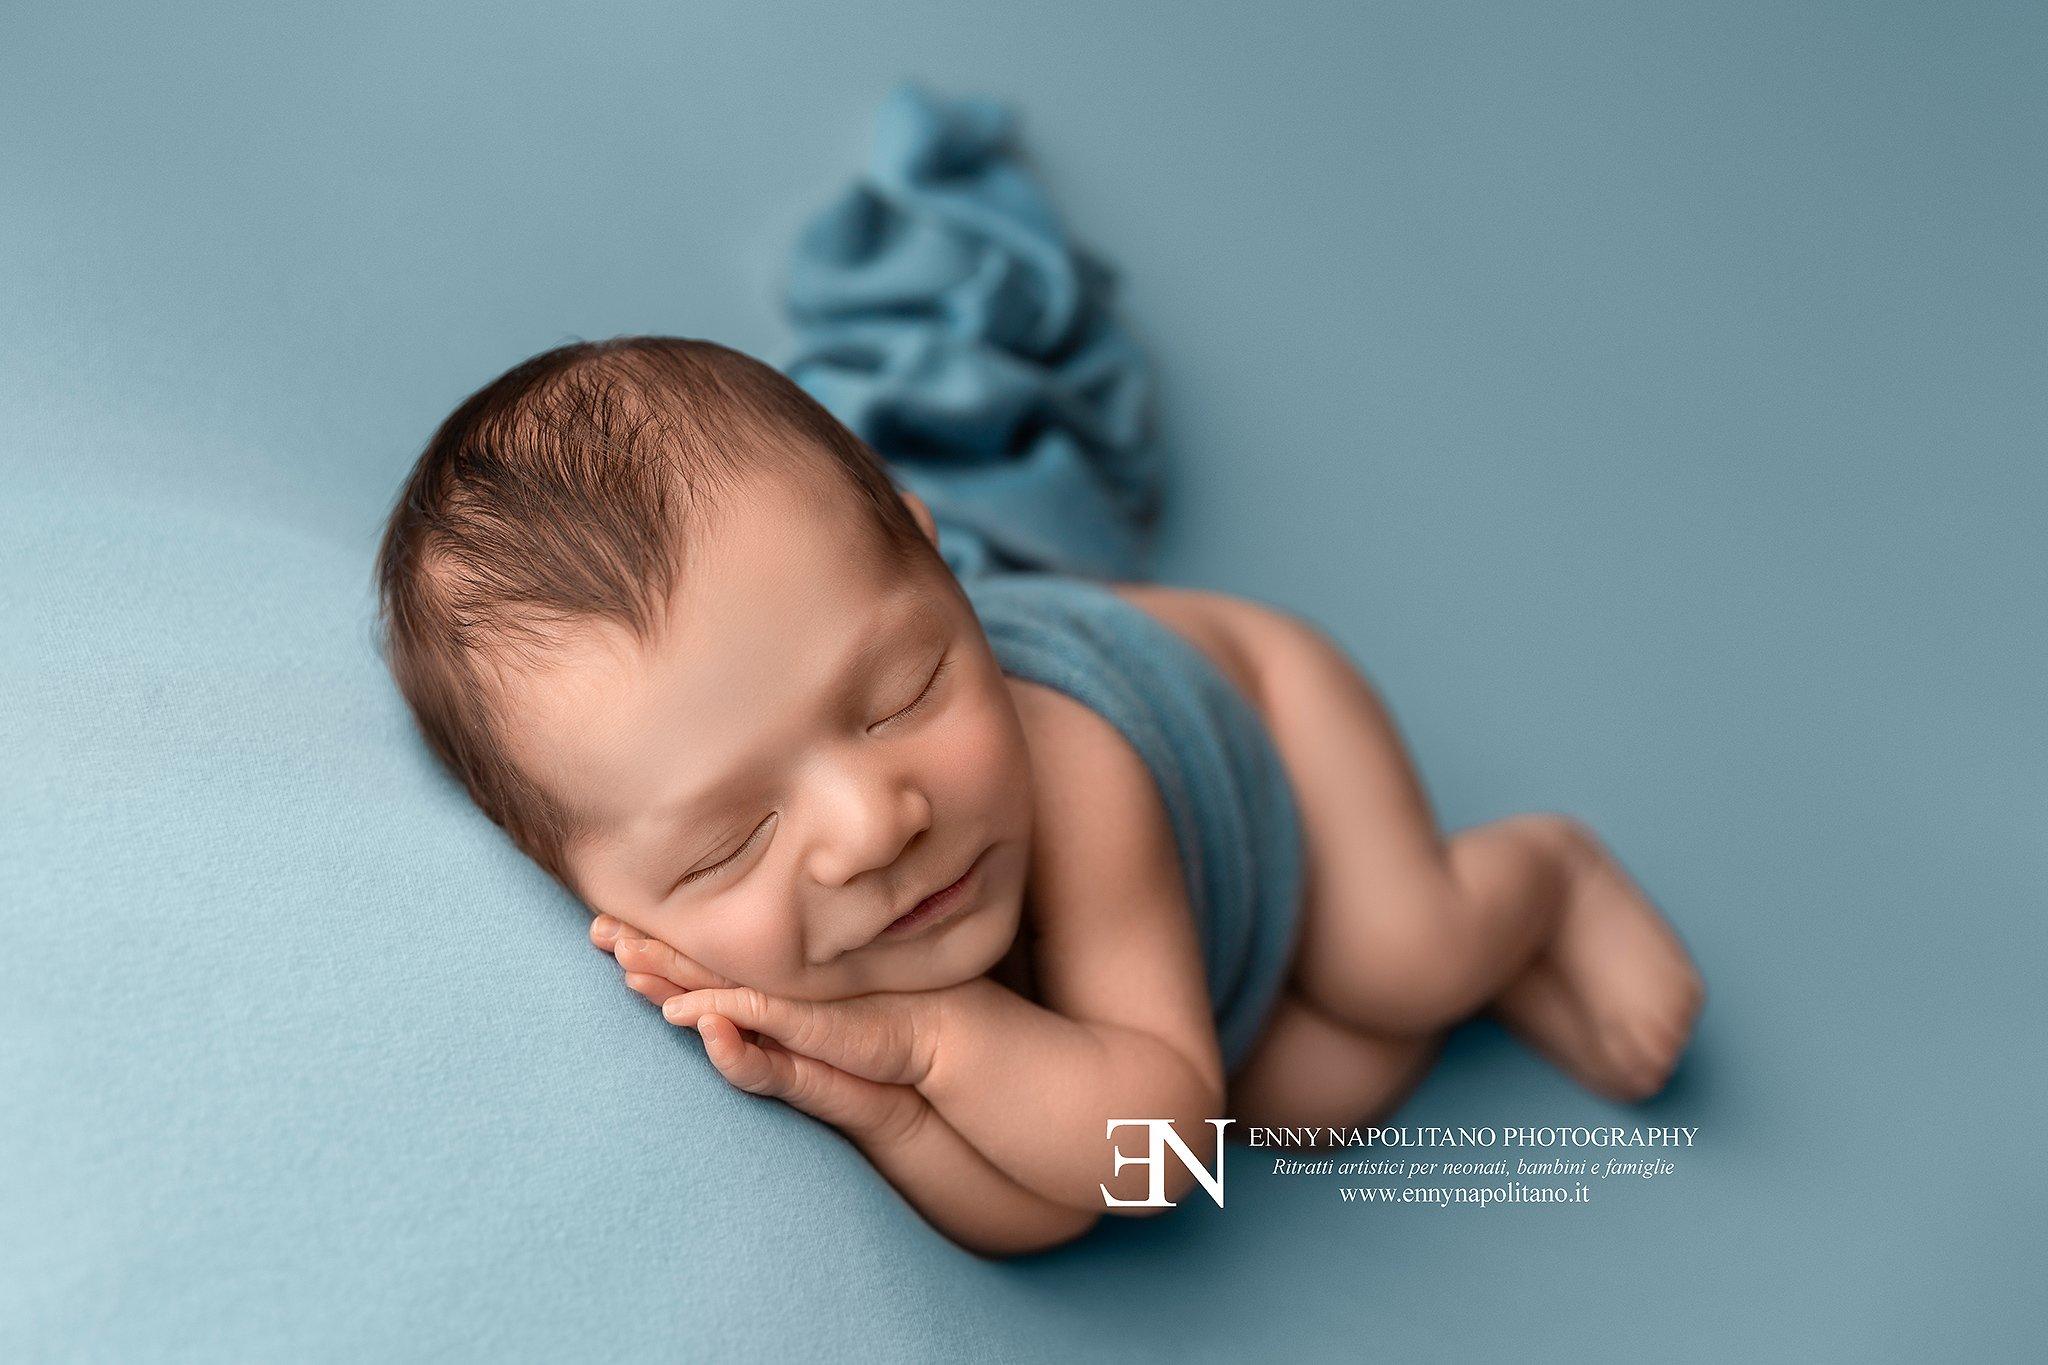 Neonato che sorride mentre dorme durante un servizio fotografico per neonati e bambini Milano